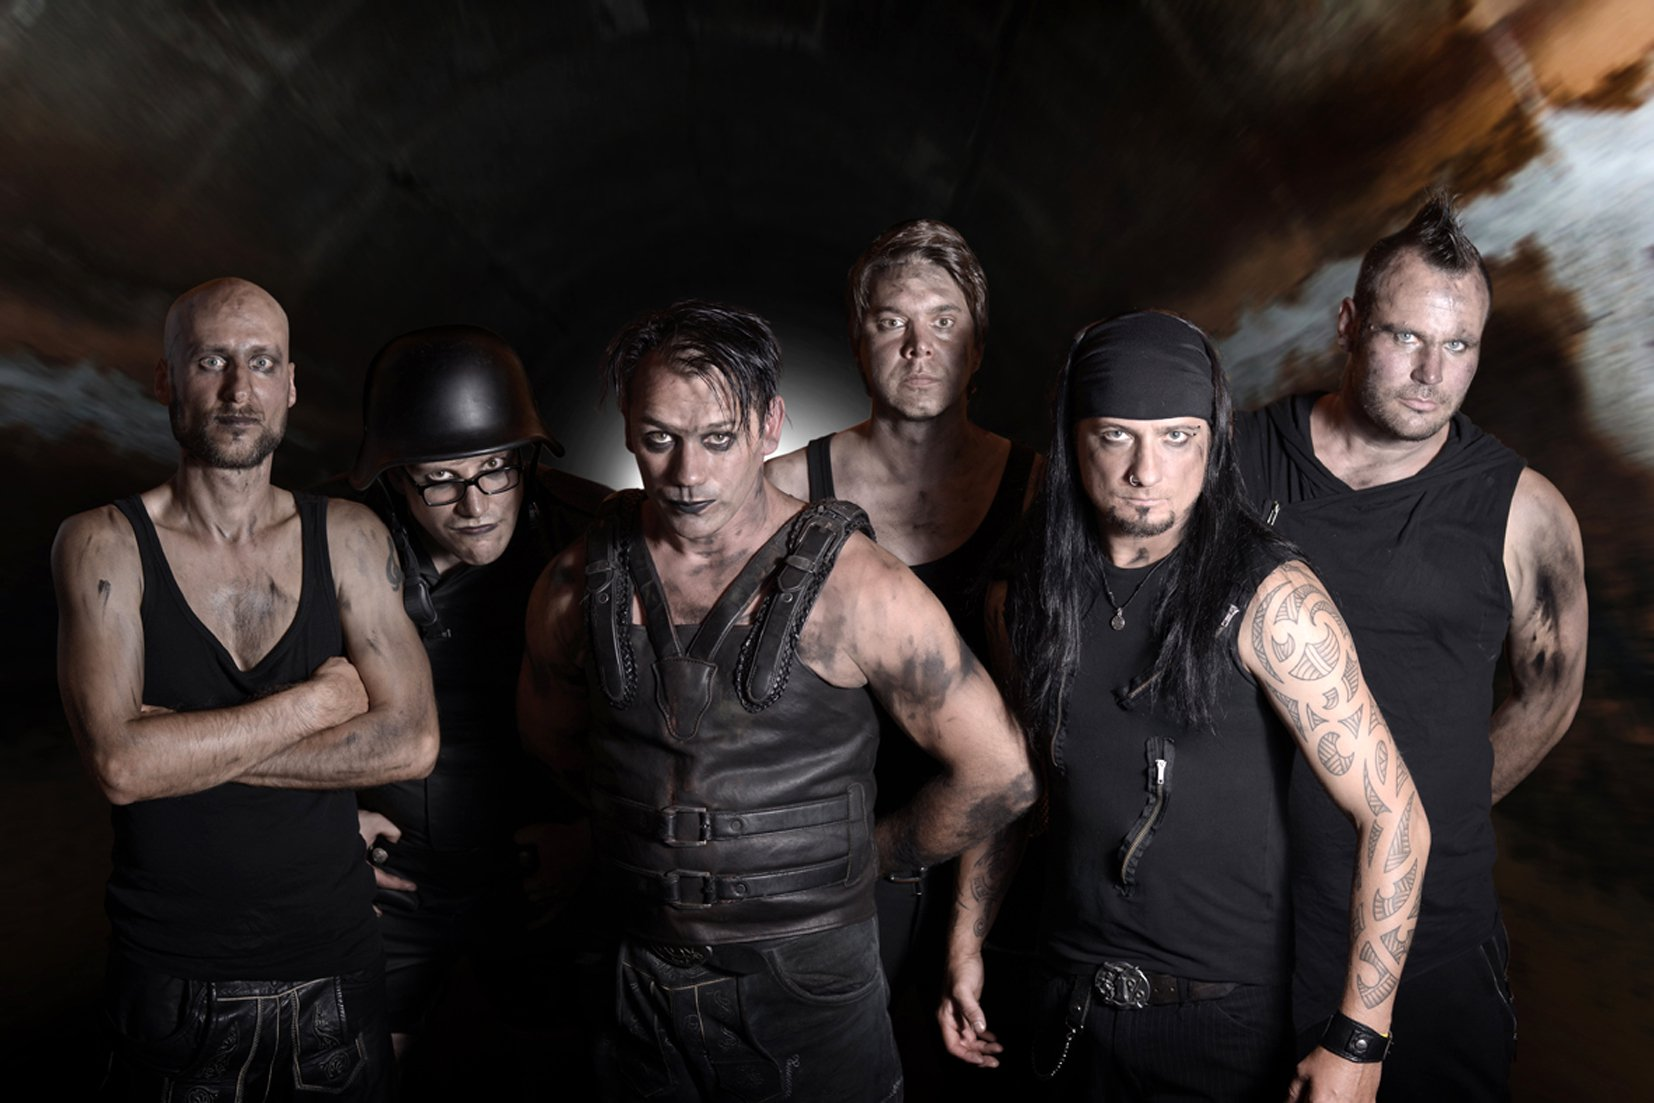 Völkerball - Rammstein-Cover-Band im Kaminwerk